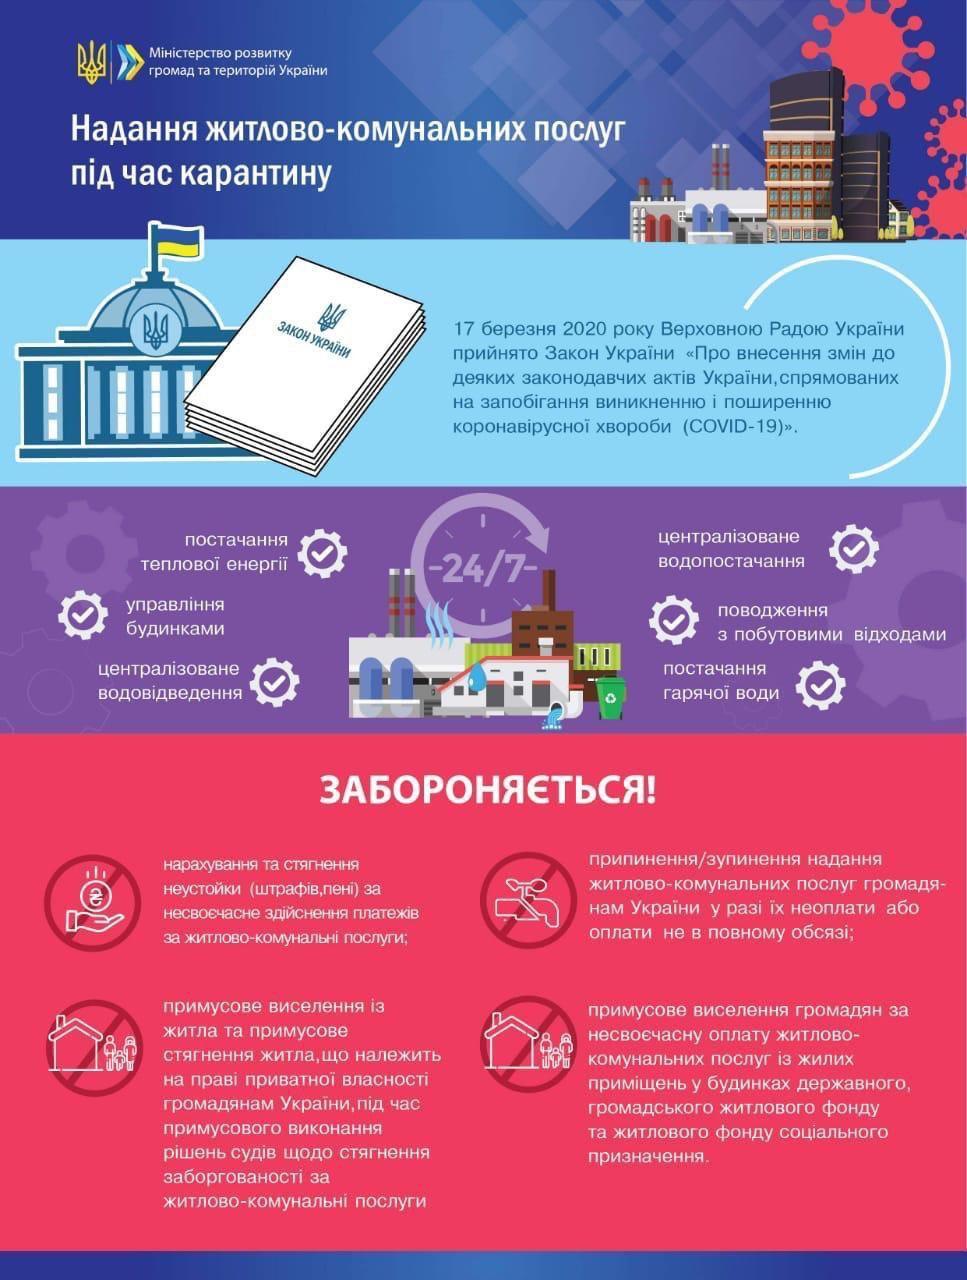 Коронавірус в Україні і світі: що відомо на 23 березня